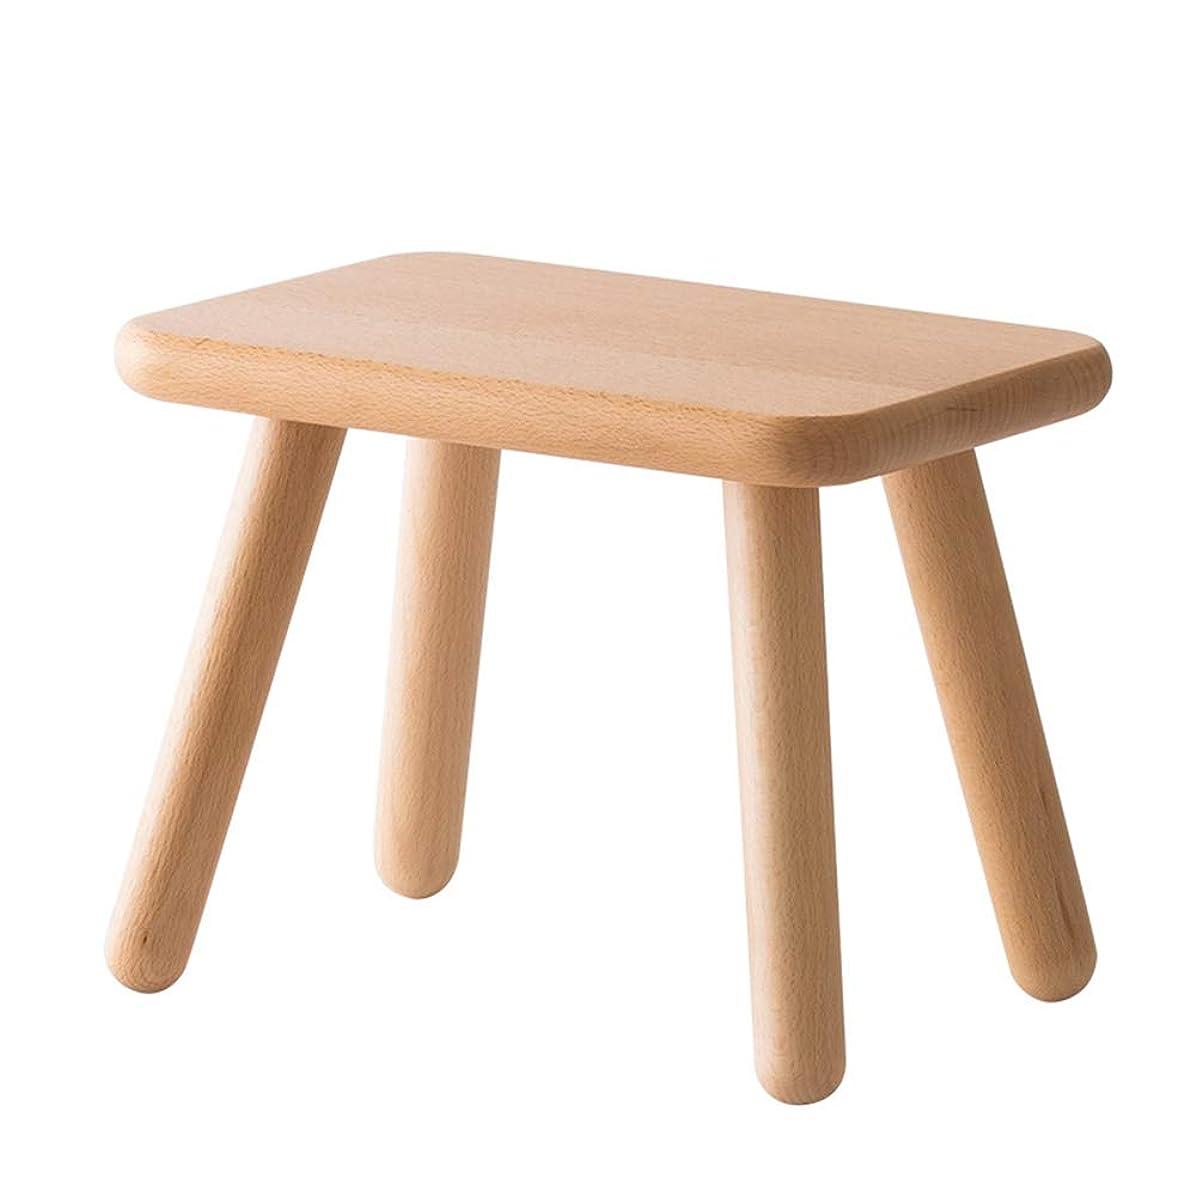 フォームツールふくろうソリッド木製スツール、耐久性のある丈夫な滑り止めウッドステップスツール、椅子または大人用フットスツール、家庭用多目的滑り止めシート。